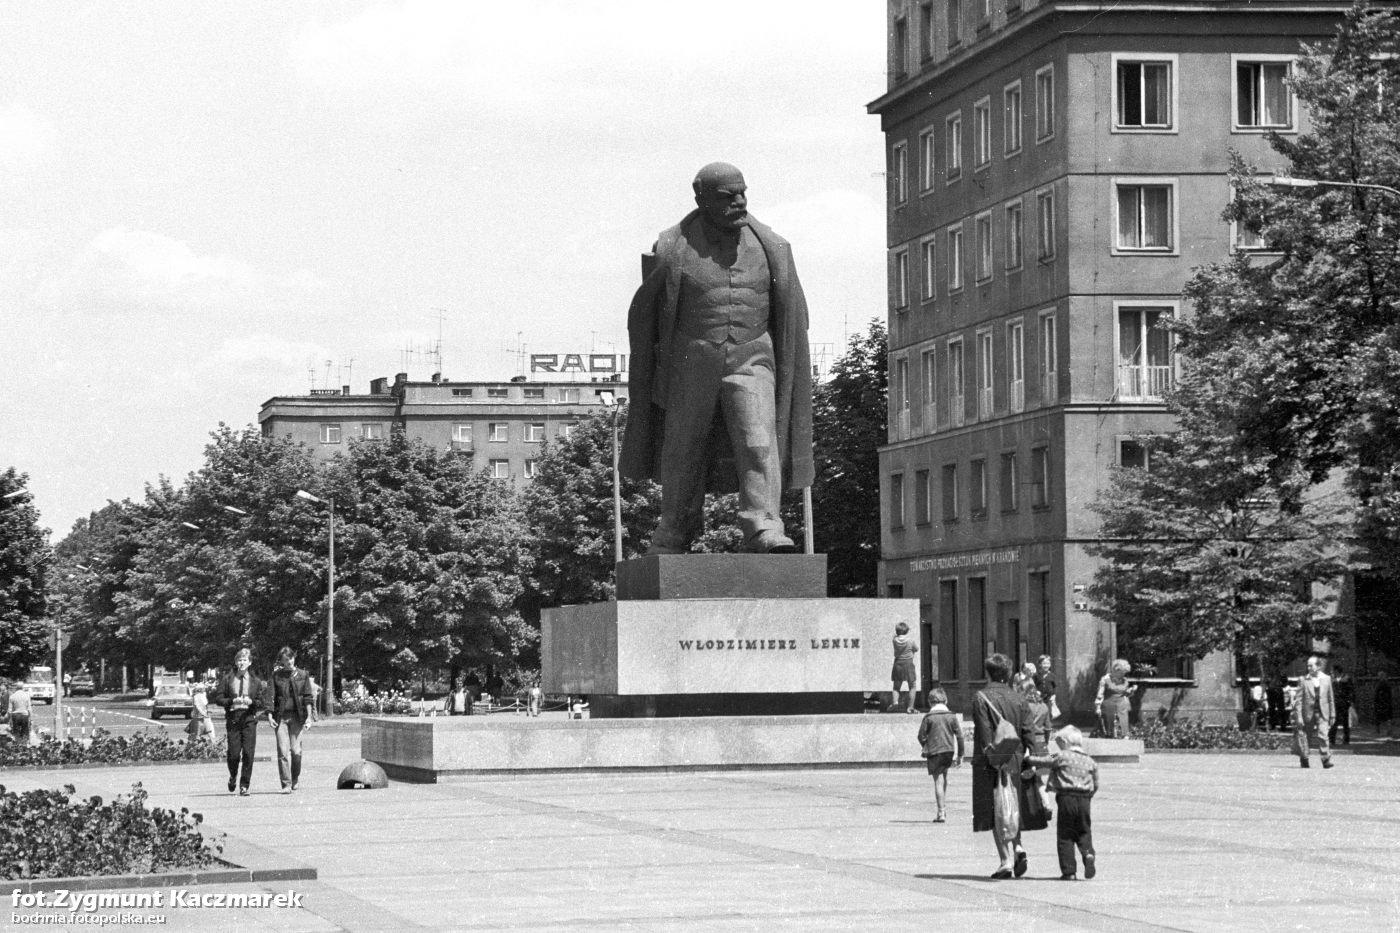 Il quartiere operaio di Nowa Huta e il giallo della statua di Lenin